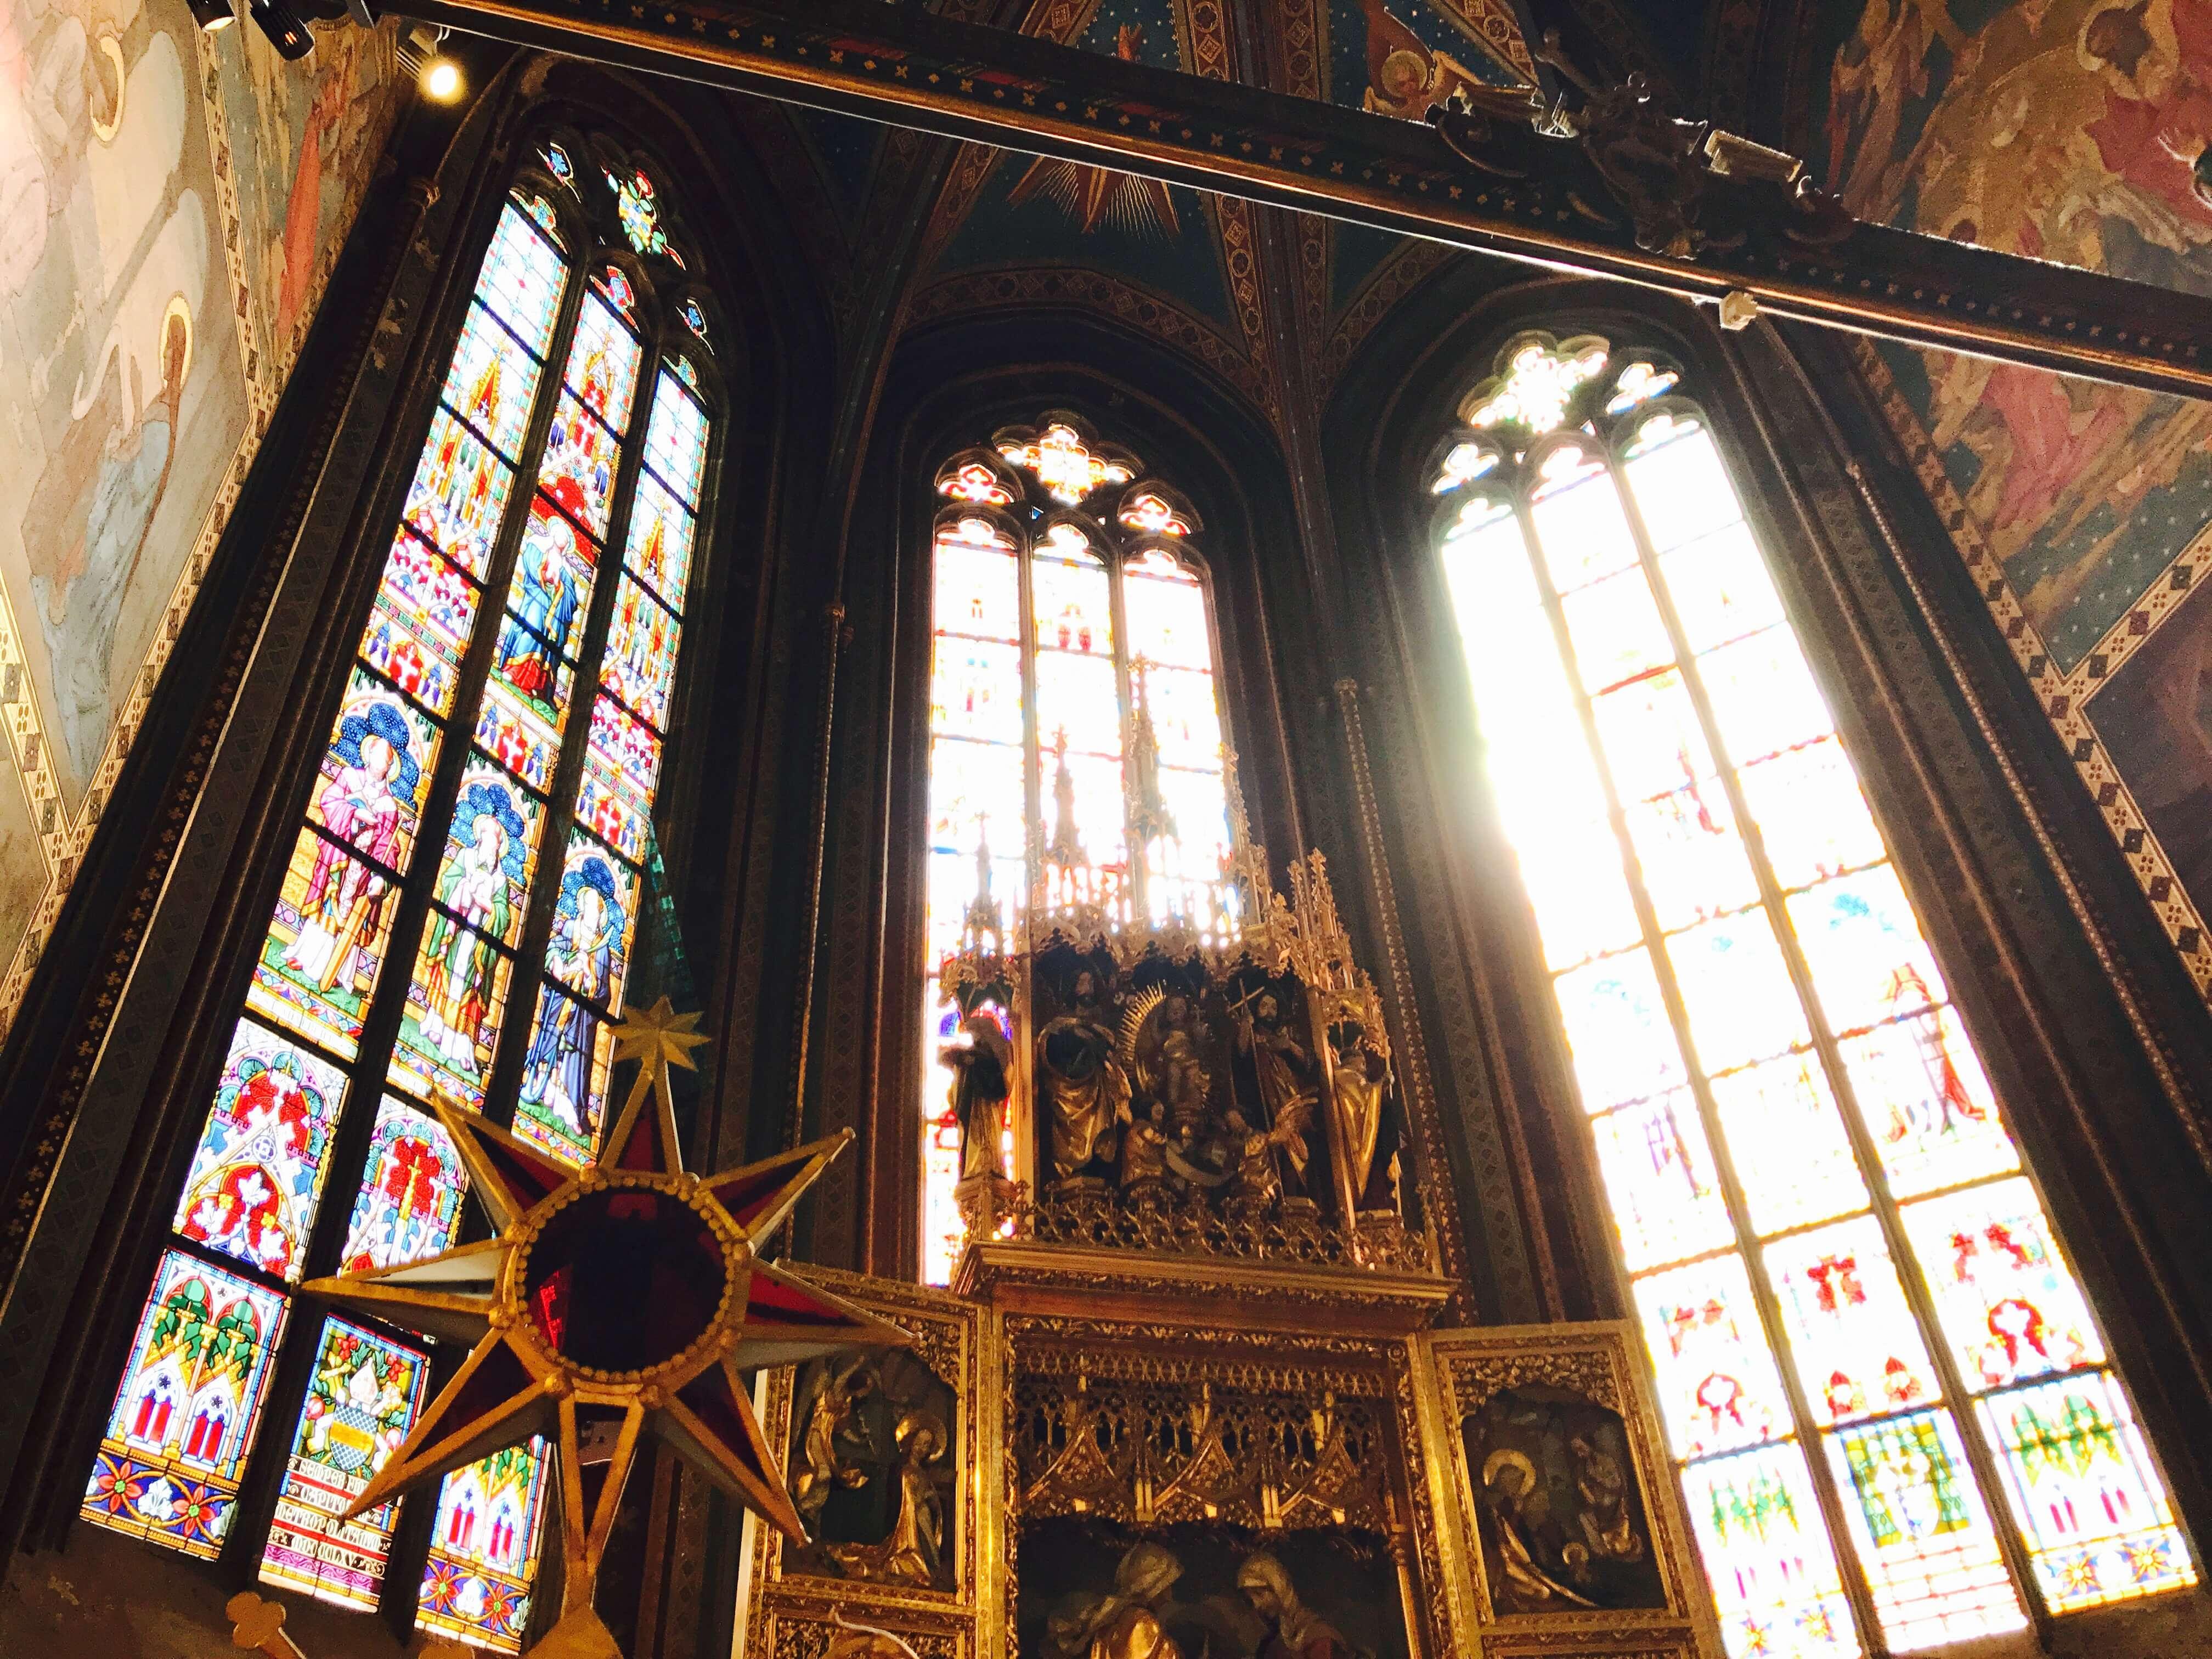 玻璃花窗是哥德式建築的特色,加上陽光的照射,讓教堂內部更加美麗!Photographer / Penny